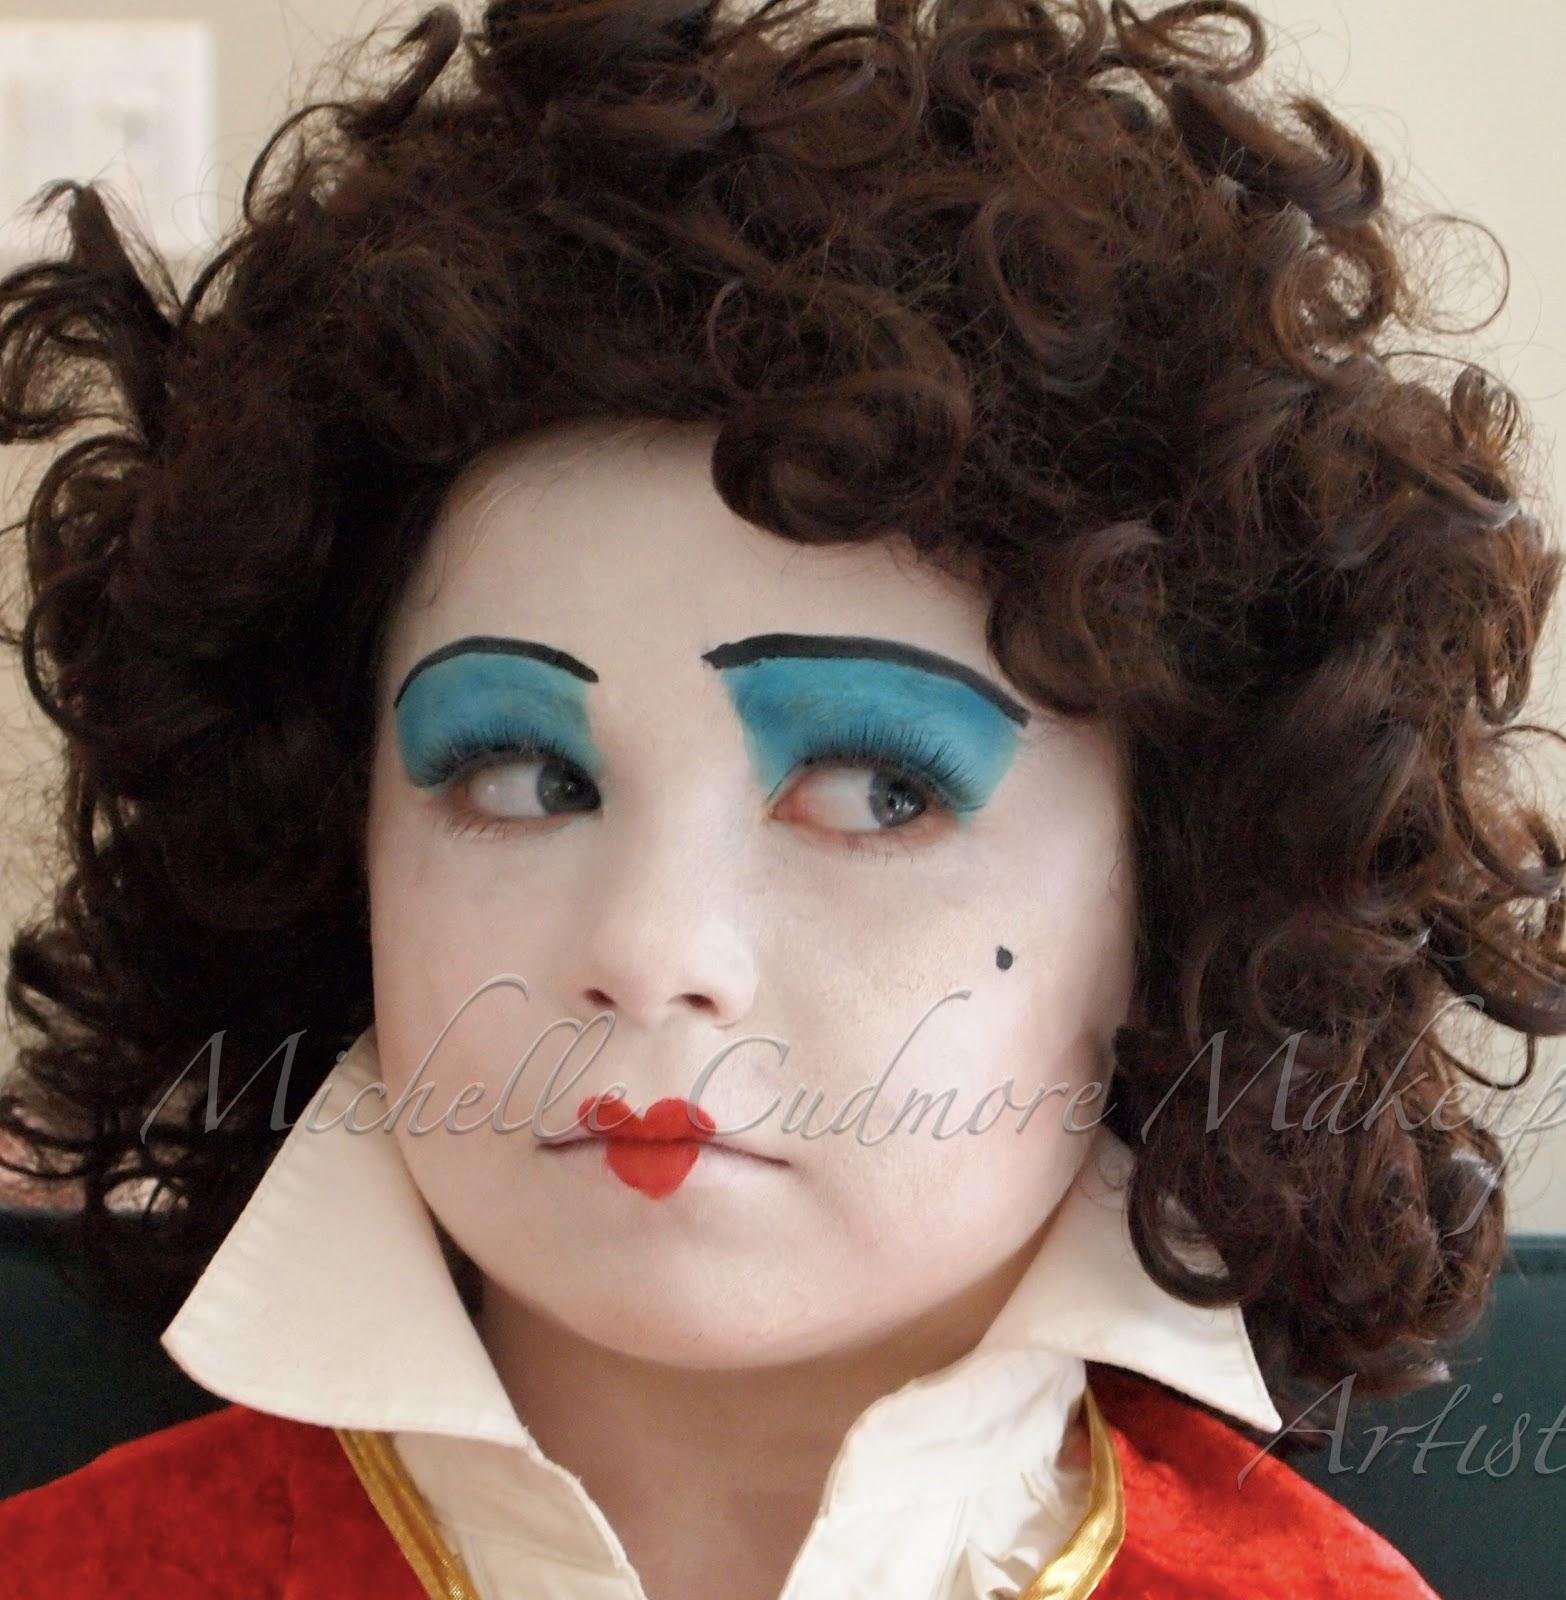 PEI Makeup Artist: Kids Halloween Makeup - Children'S Halloween Makeup